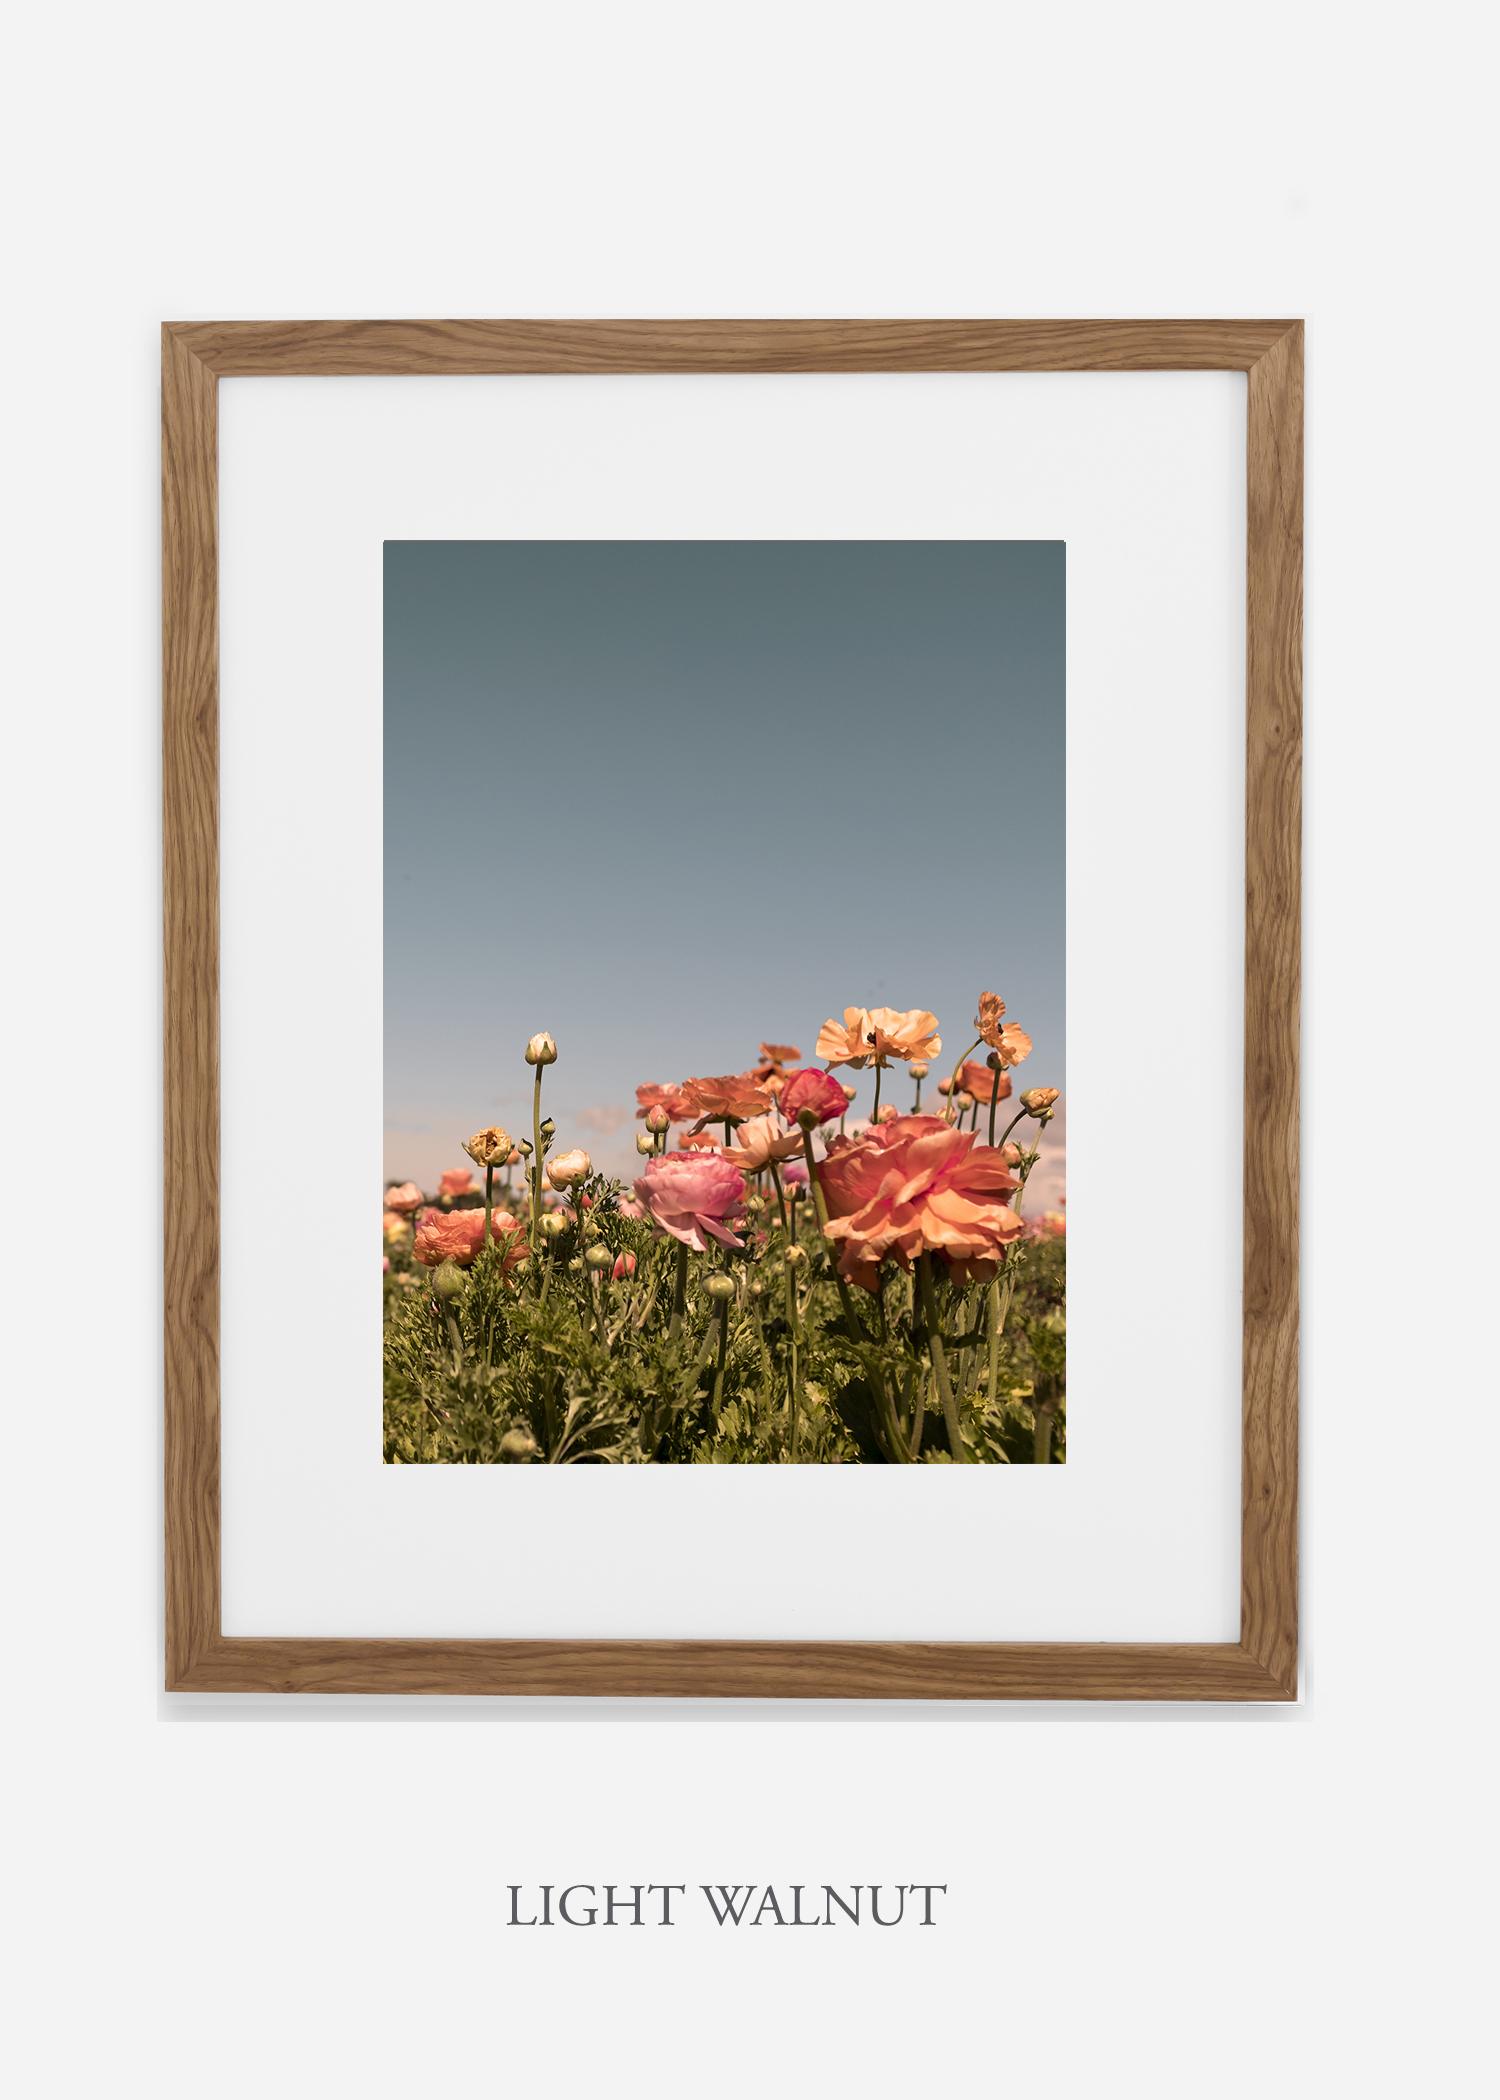 FloraNo.1-light-walnut-frame_mat-interiordesign-botanicalprint-art.jpg